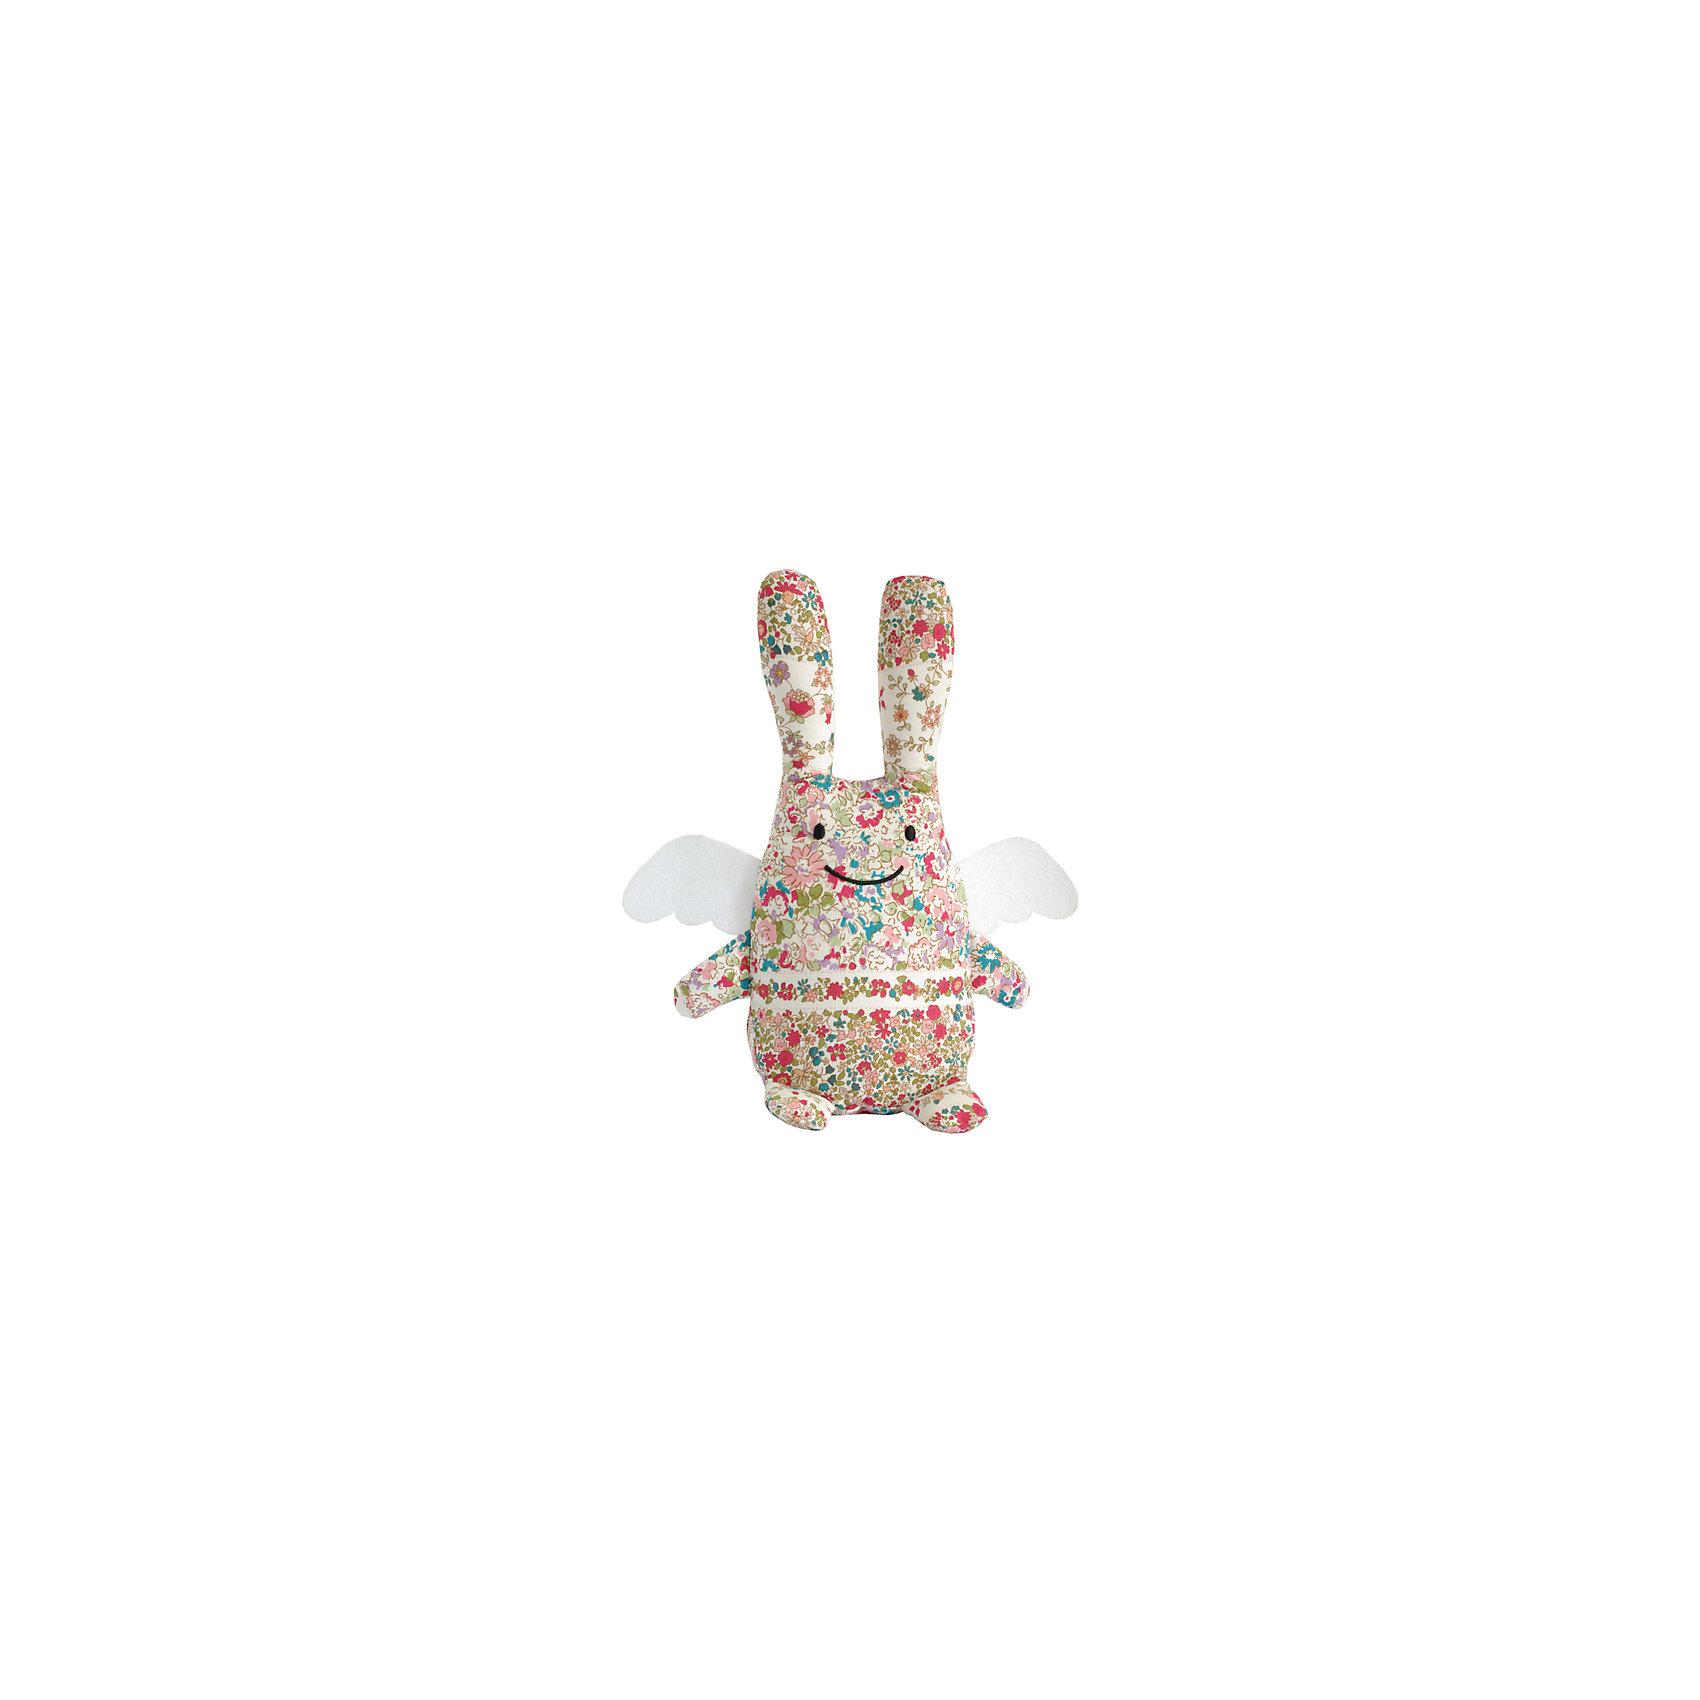 Мягкая игрушка Зайка с крылышками, музыкальный, 24см&#13;, TrousselierМягкие игрушки<br>Мягкая игрушка Зайка с крылышками, музыкальный, 24см, Trousselier<br><br>Характеристики:<br><br>• Размер: 24 см<br>• Материал: текстиль, полиэстер, хлопок<br>• Возраст: от 0 месяцев<br><br>Нежный разноцветный зайка с милыми крылышками станет другом для вашего малыша. Натуральный материал не вызывает аллергию и полностью безопасен для нежной кожи. Малыш сможет спать с зайкой, с первых дней своей жизни. А если малышу трудно будет уснуть, зайка споет ему нежную песенку.<br><br>Мягкая игрушка Зайка с крылышками, музыкальный, 24см, Trousselier можно купить в нашем интернет-магазине.<br><br>Ширина мм: 190<br>Глубина мм: 190<br>Высота мм: 90<br>Вес г: 290<br>Возраст от месяцев: -2147483648<br>Возраст до месяцев: 2147483647<br>Пол: Унисекс<br>Возраст: Детский<br>SKU: 4964810